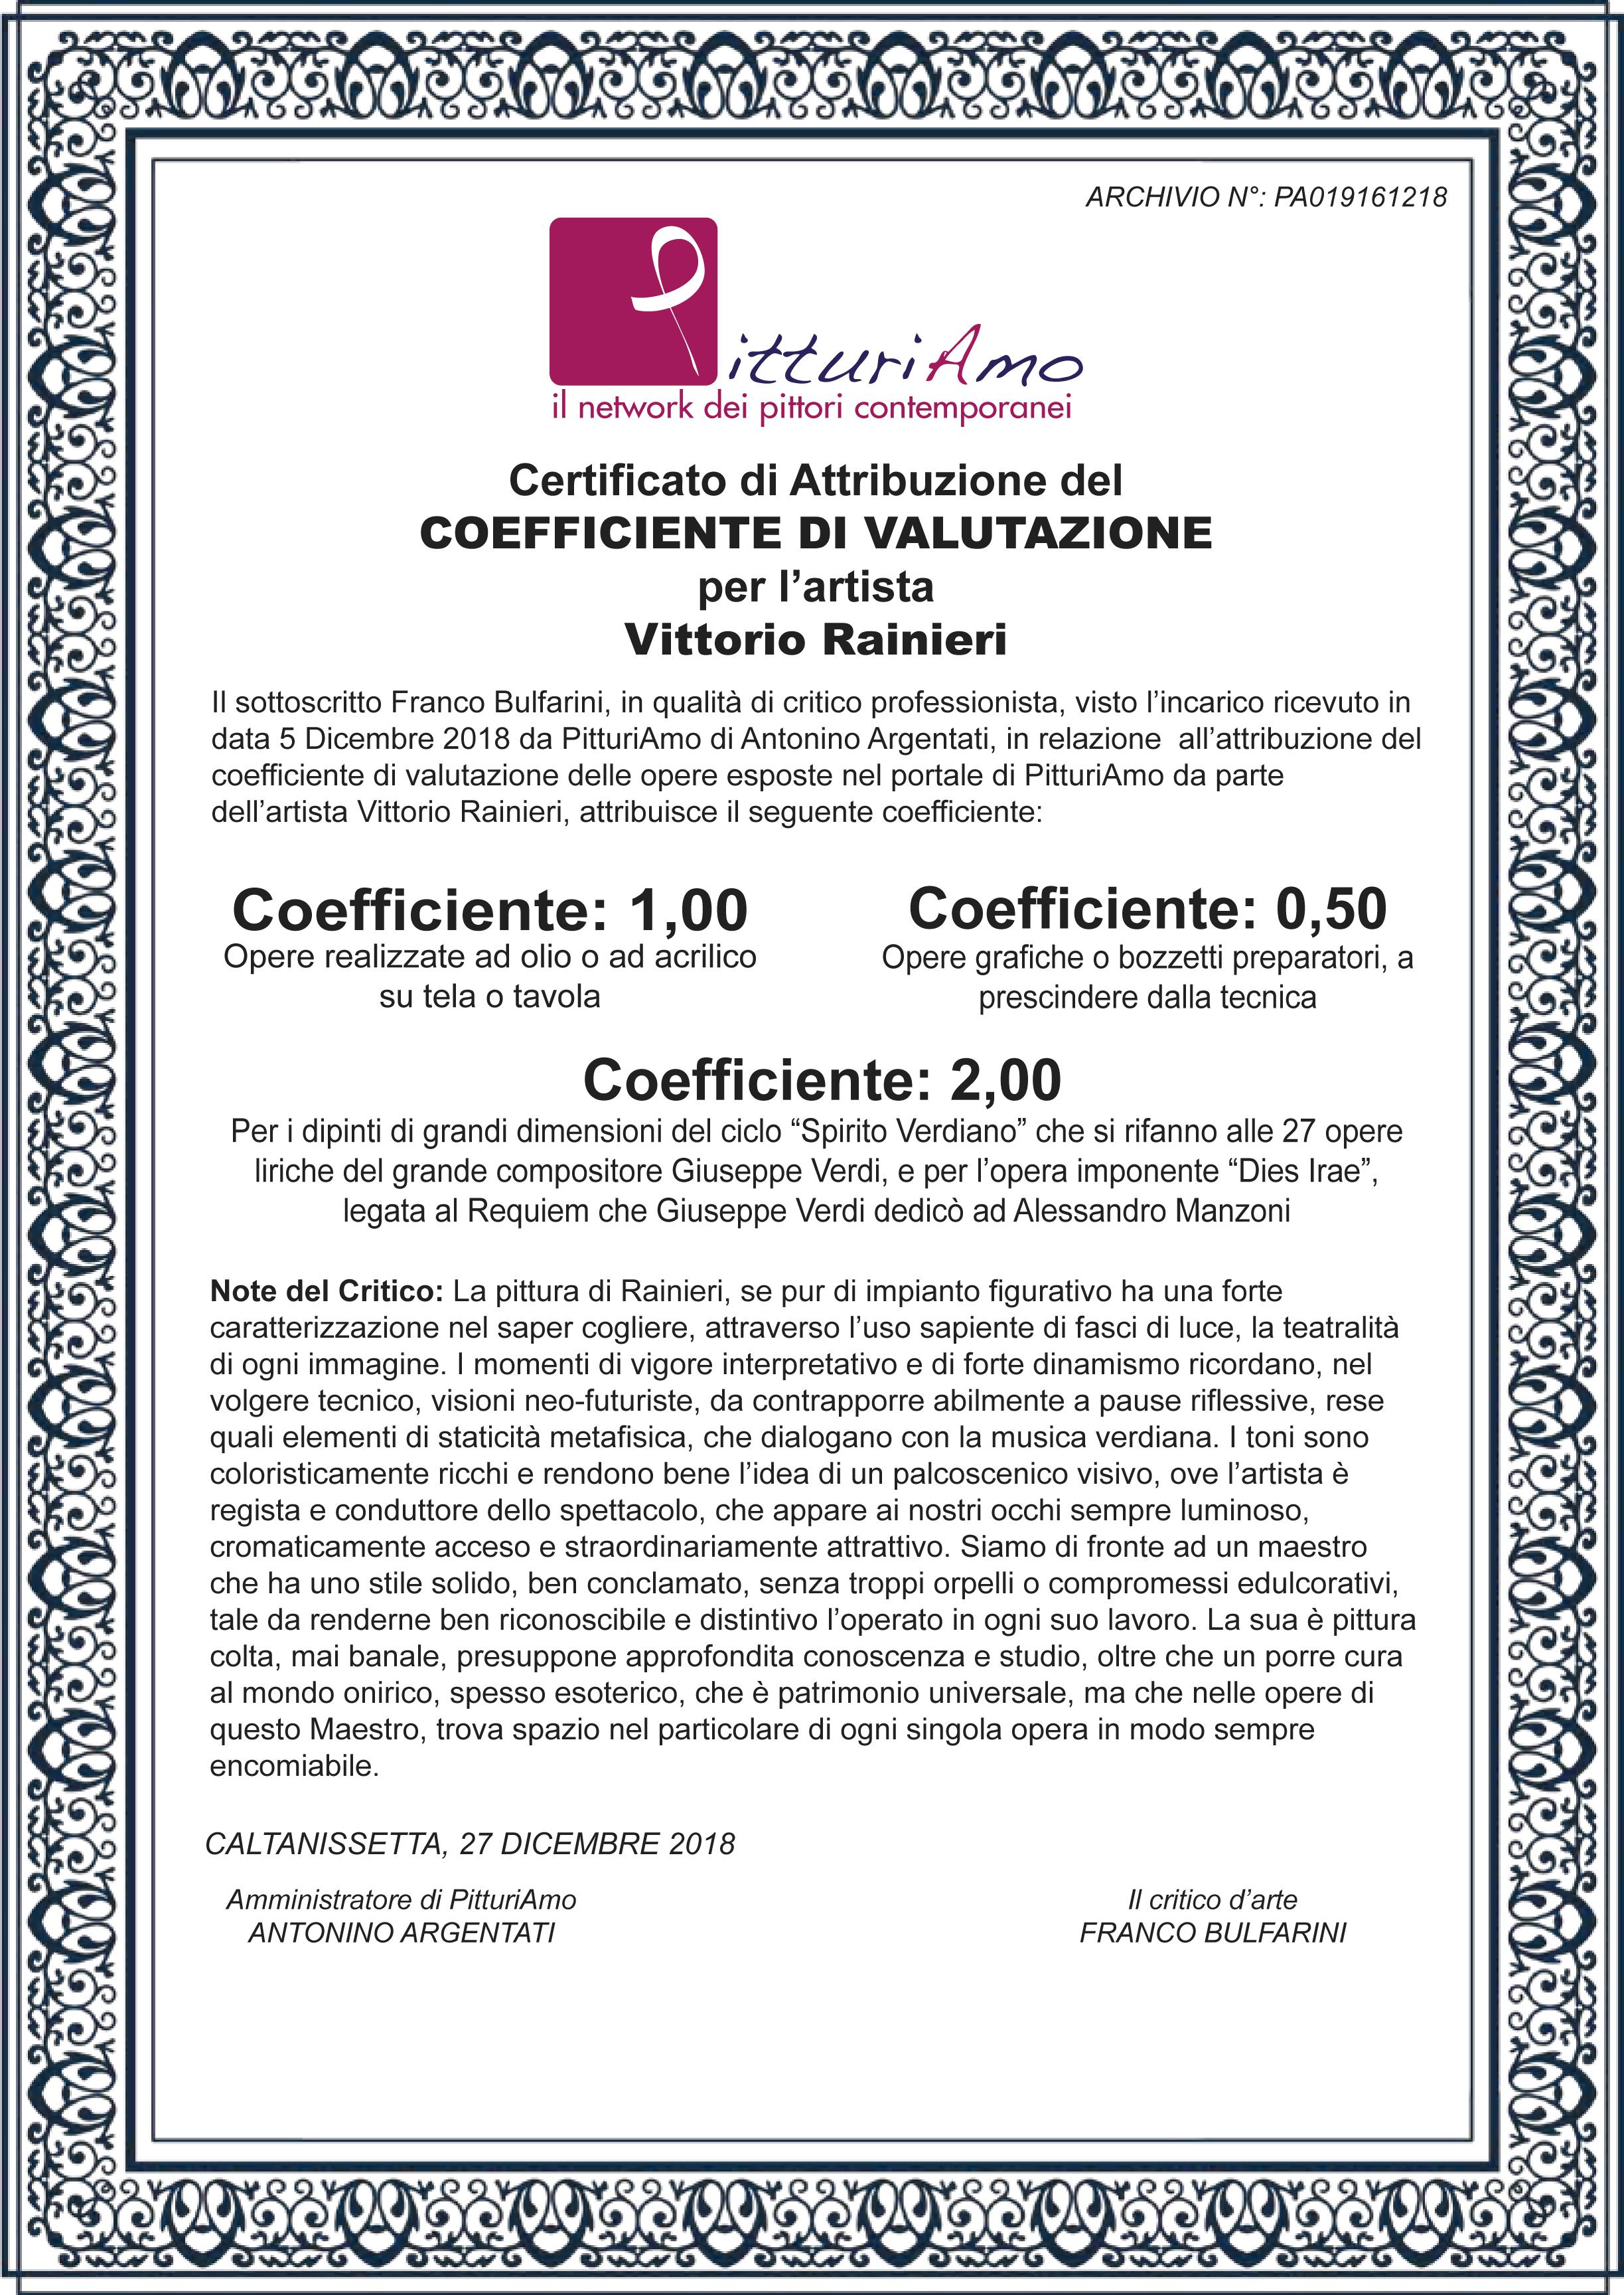 Coefficiente d'artista di Vittorio Rainieri